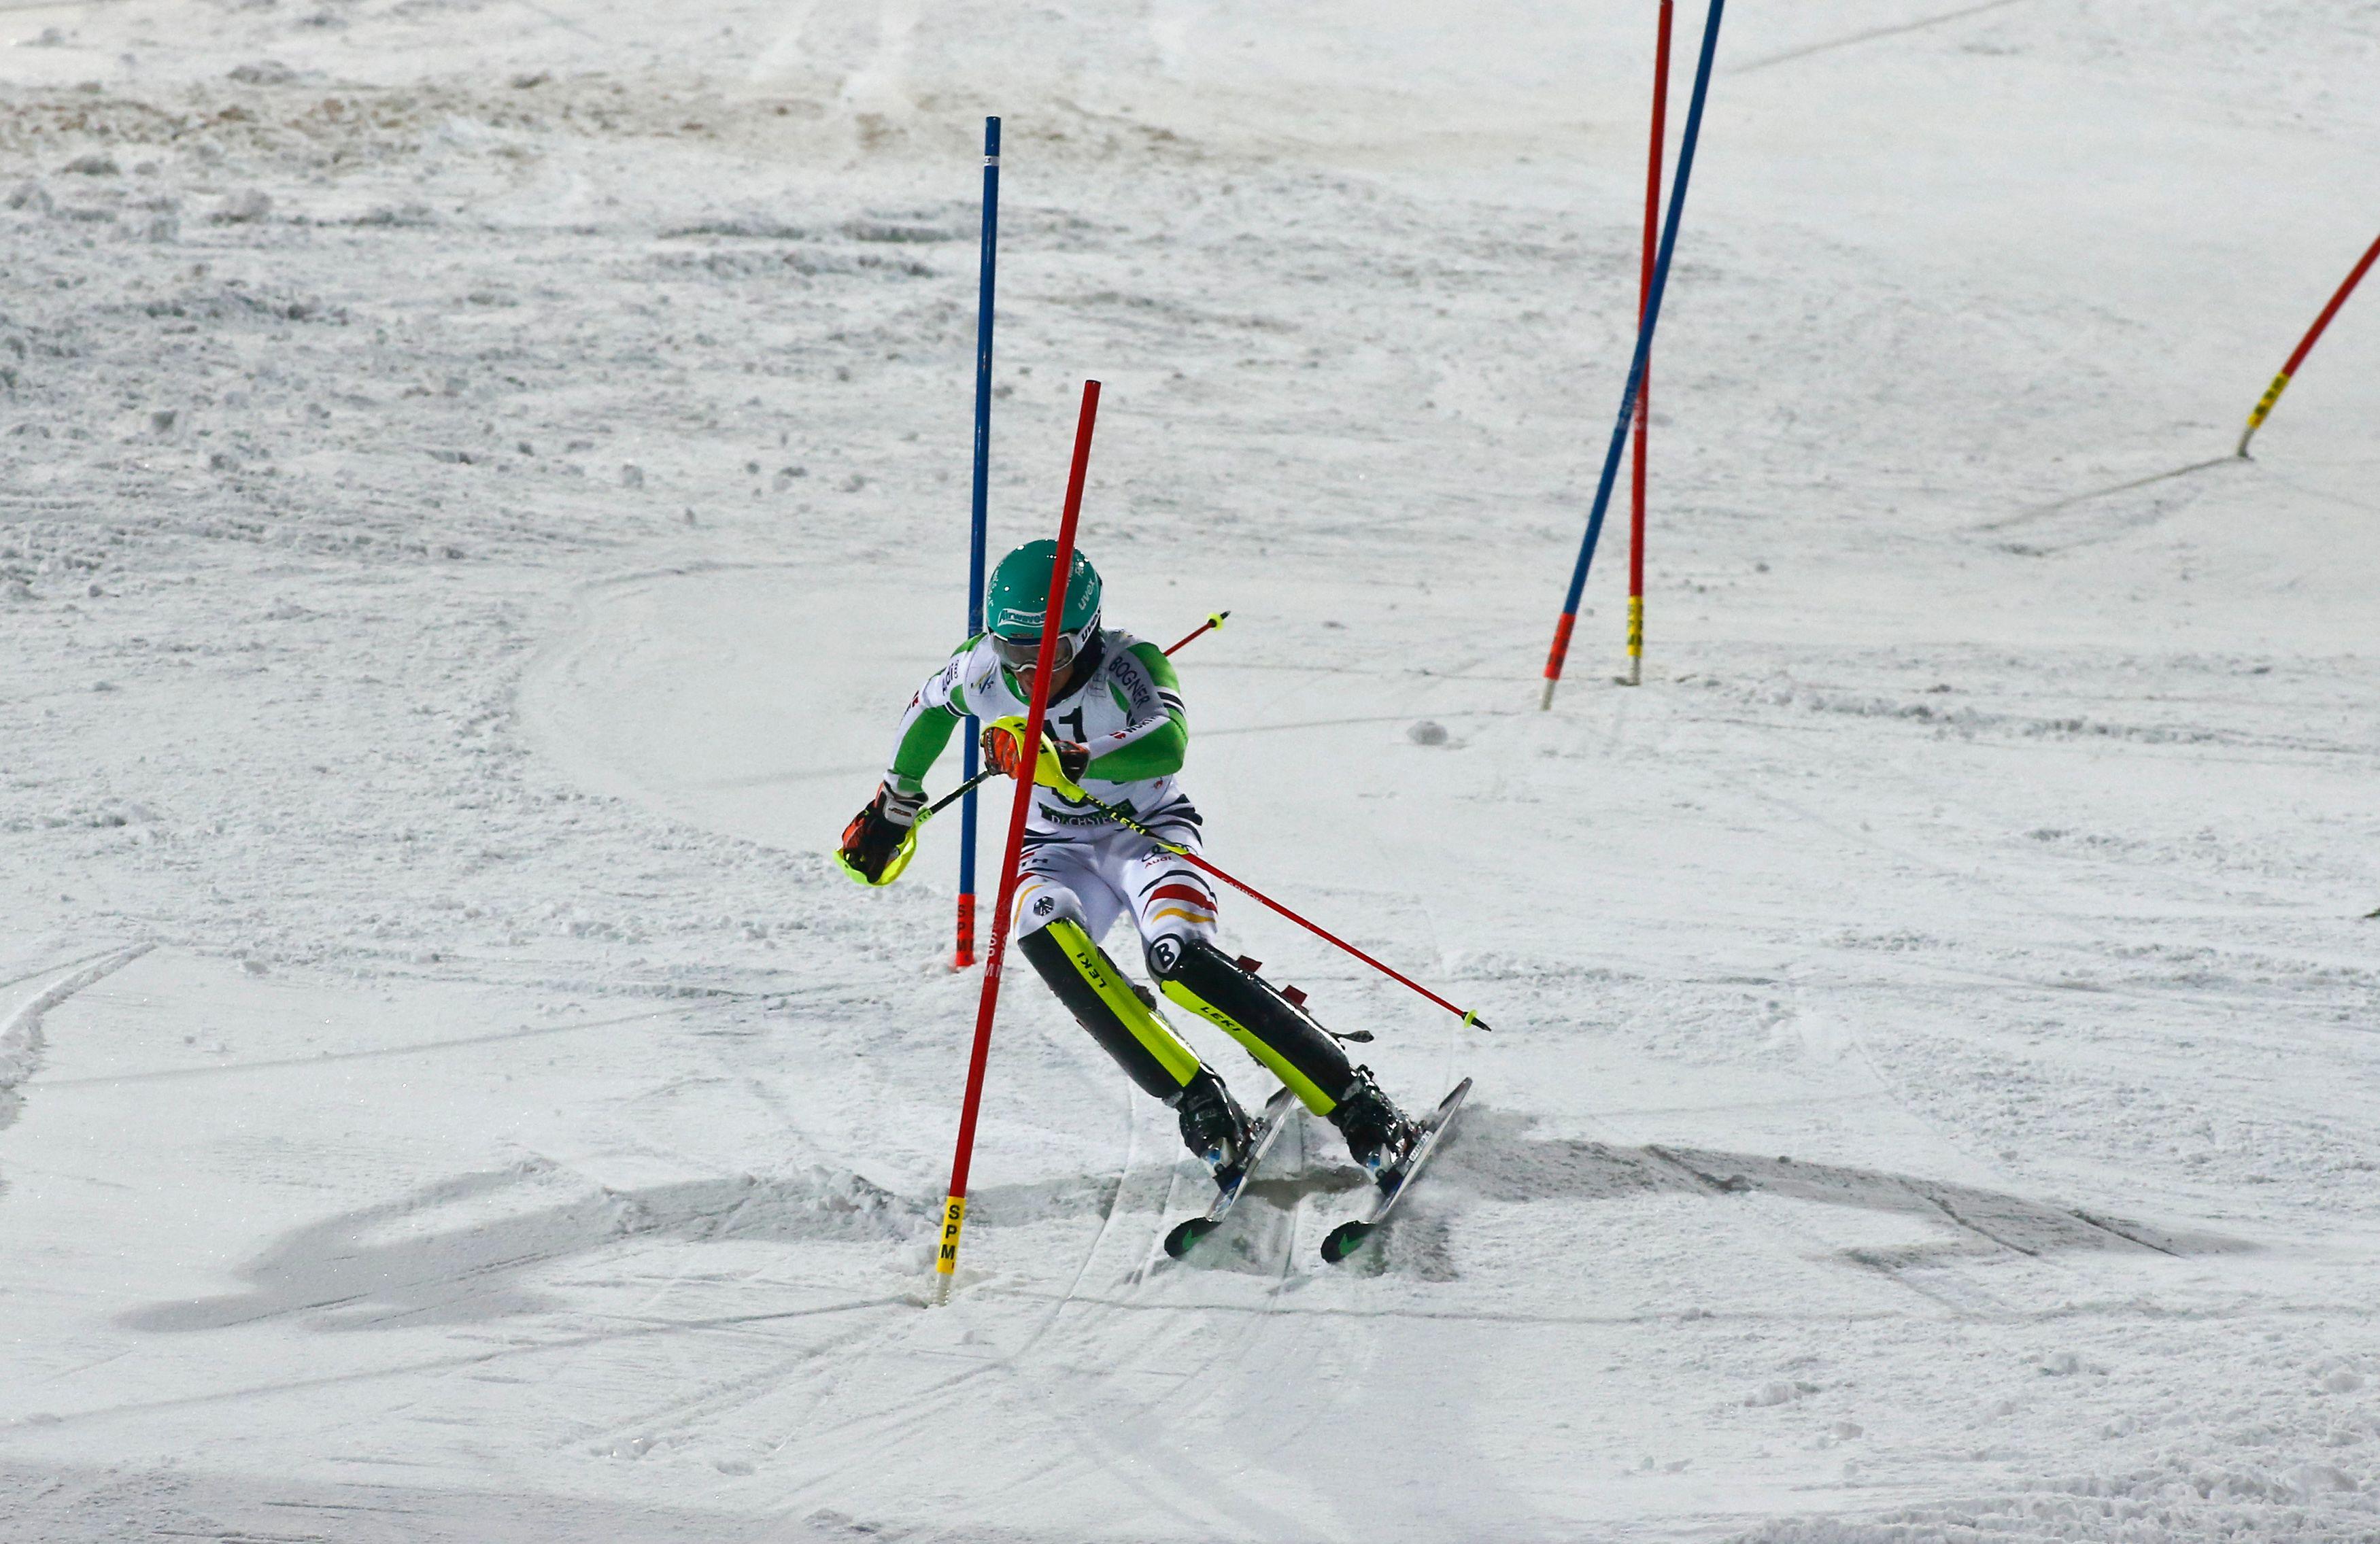 Un slalomeur participera aux Jeux Olympiques alors qu'il est aussi chauffeur de taxi